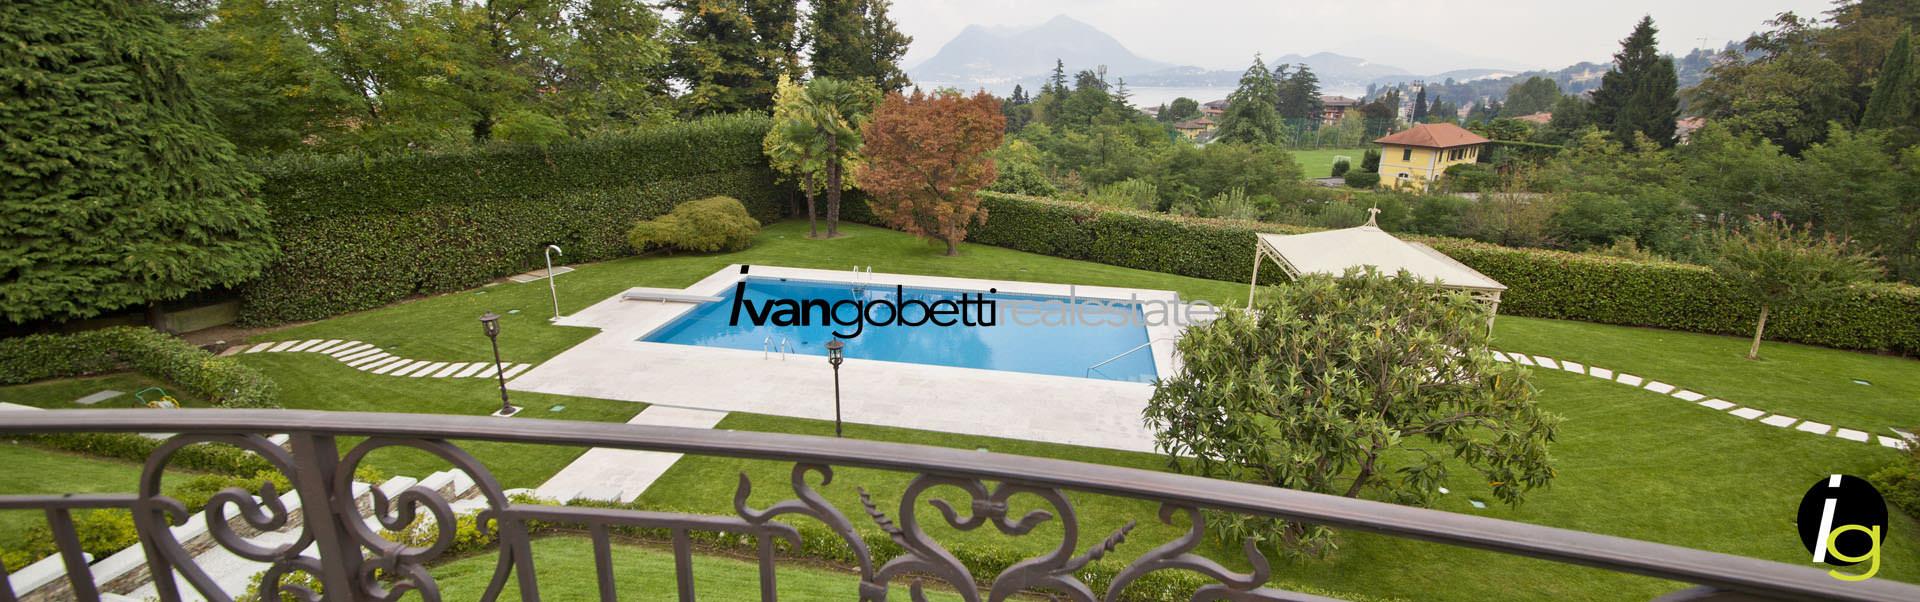 In vendita villa moderna a Stresa con vista Lago Maggiore